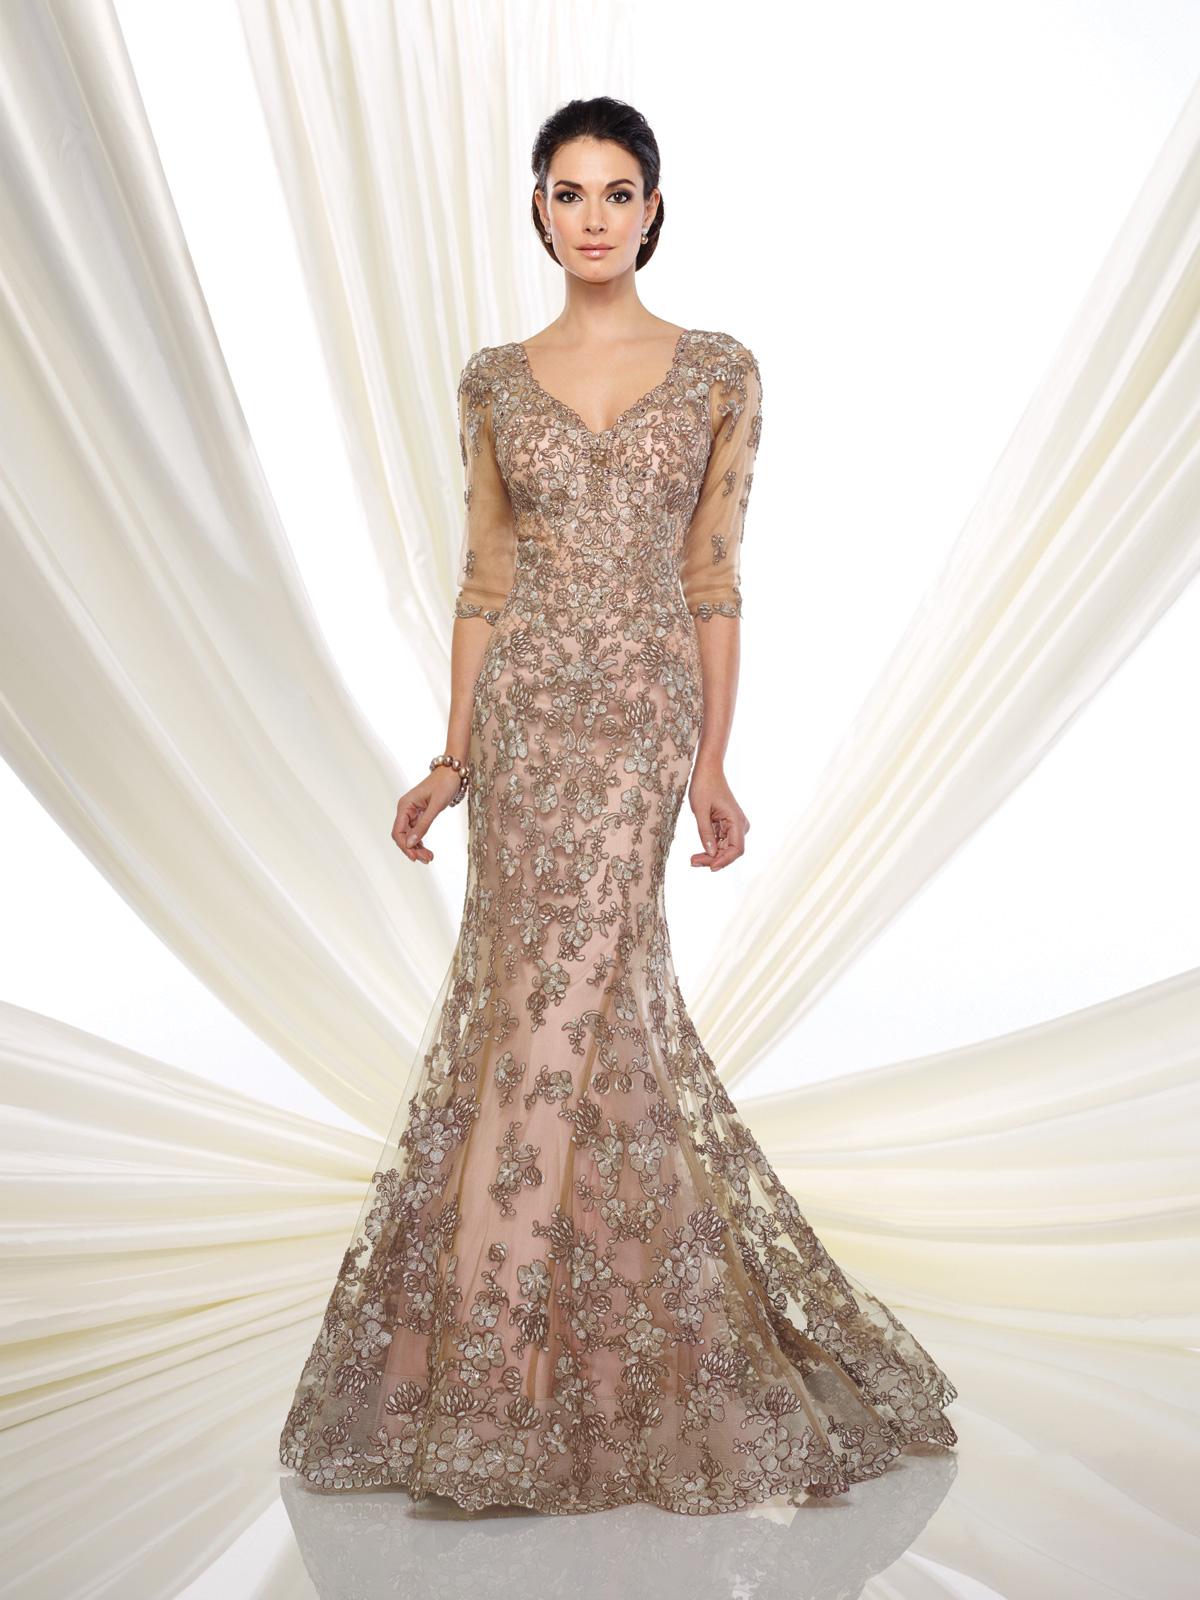 Vestido de Festa com decote V e mangas 7/8, corte sereia todo confeccionado em renda francesa rebordada em pedrarias e cristais.